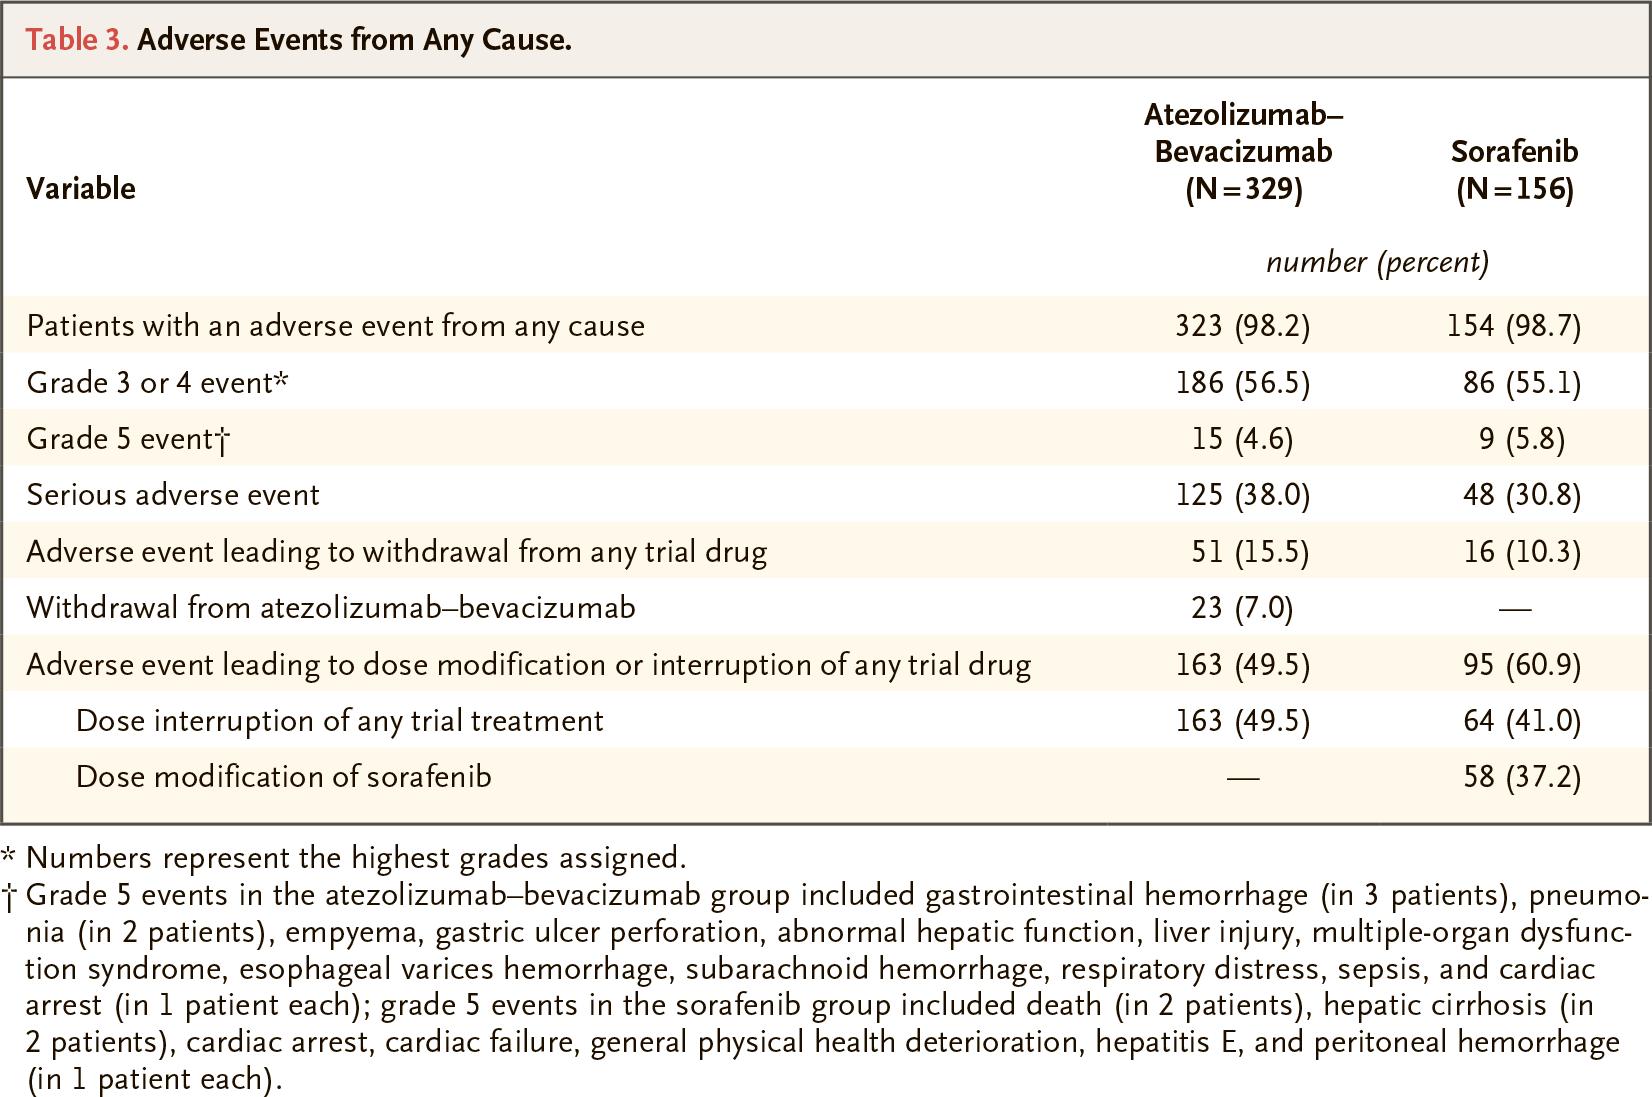 nct03434379 results 04 - «Тецентрик» плюс «Авастин»: иммуноонкологическое лечение гепатоцеллюлярной карциномы